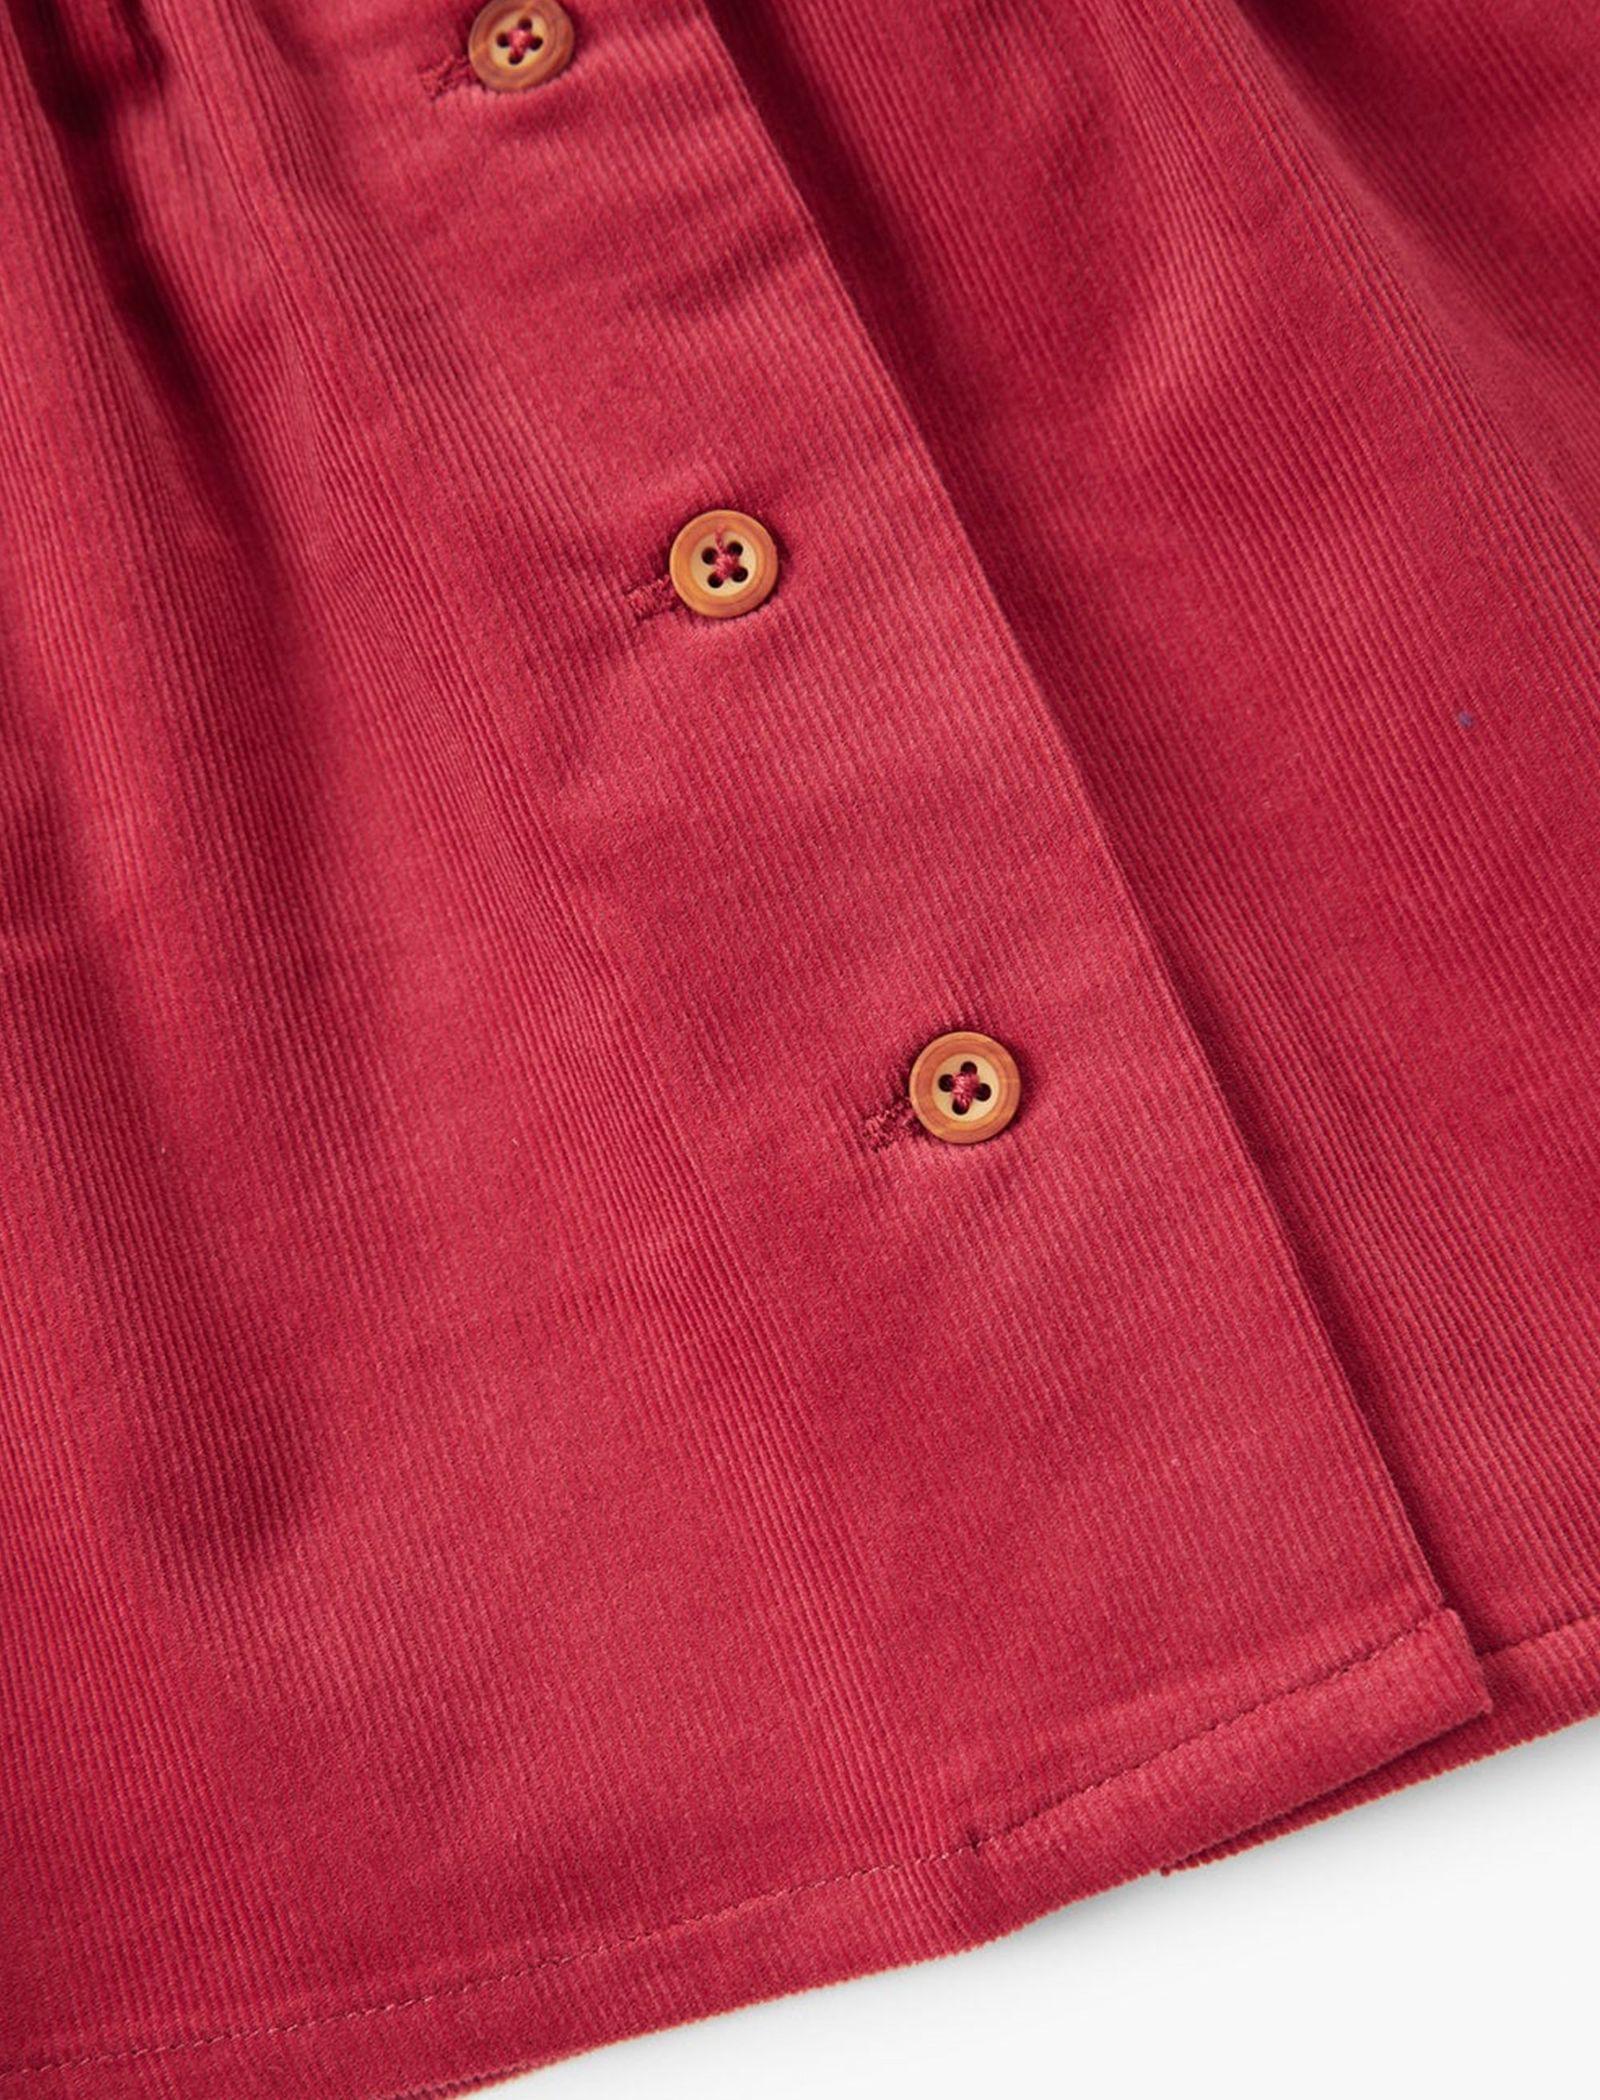 پیراهن نخی بدون آستین نوزادی دخترانه - مانگو - قرمز - 4